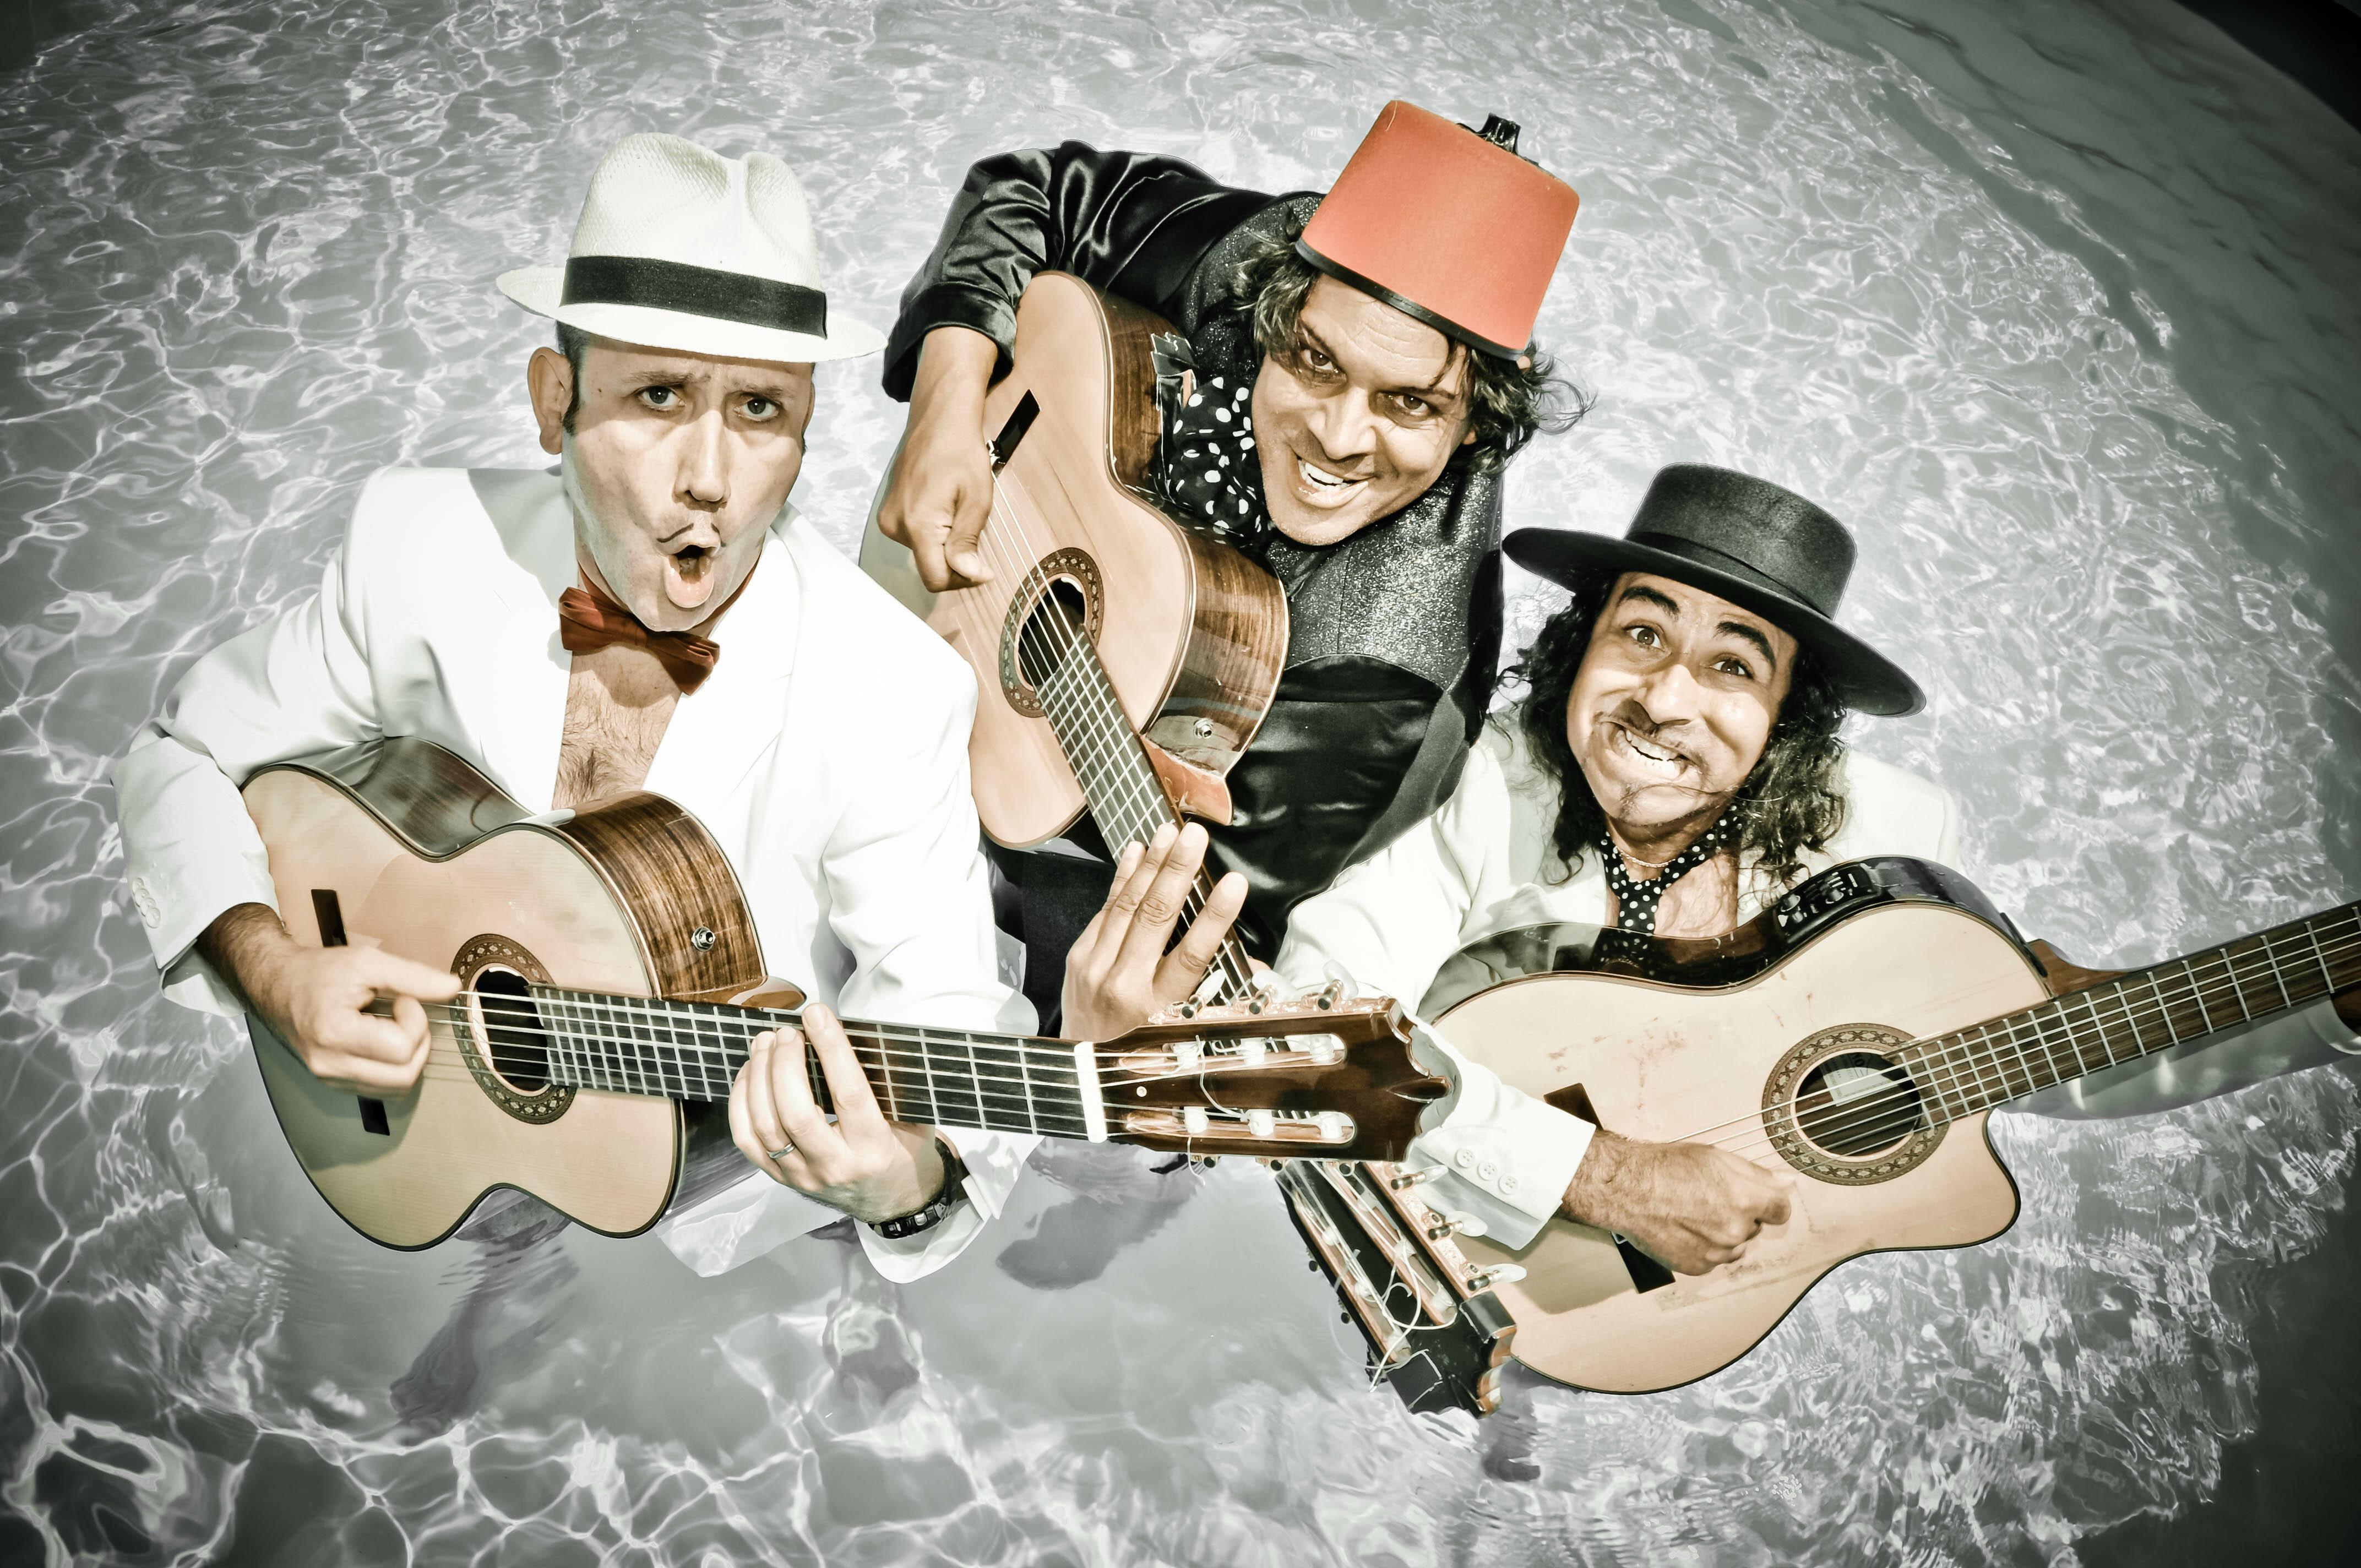 PAUL MOROCCO & OLÉ! teatro comico-musicale all' ARENA DEL SOLE ROCCABIANCA